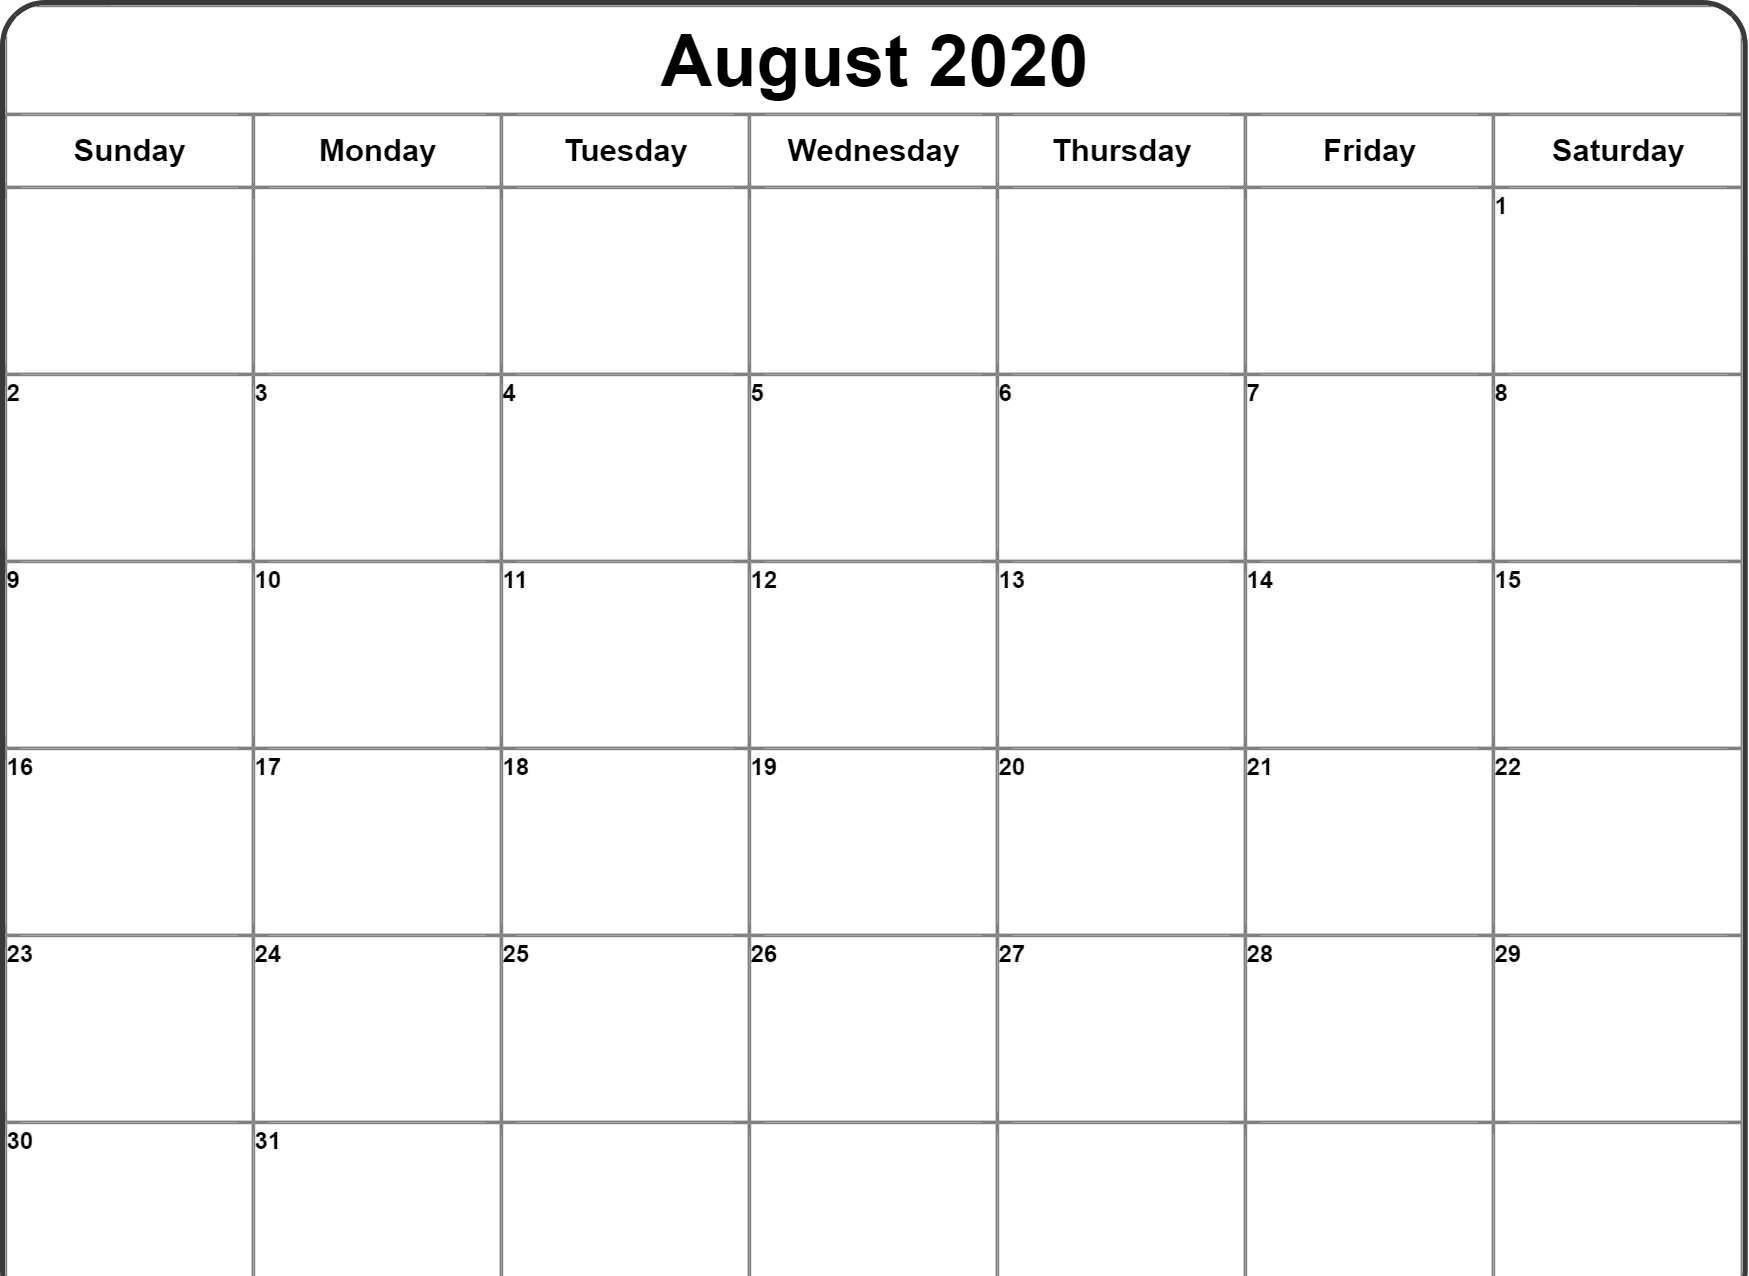 August 2020 Editable Calendar